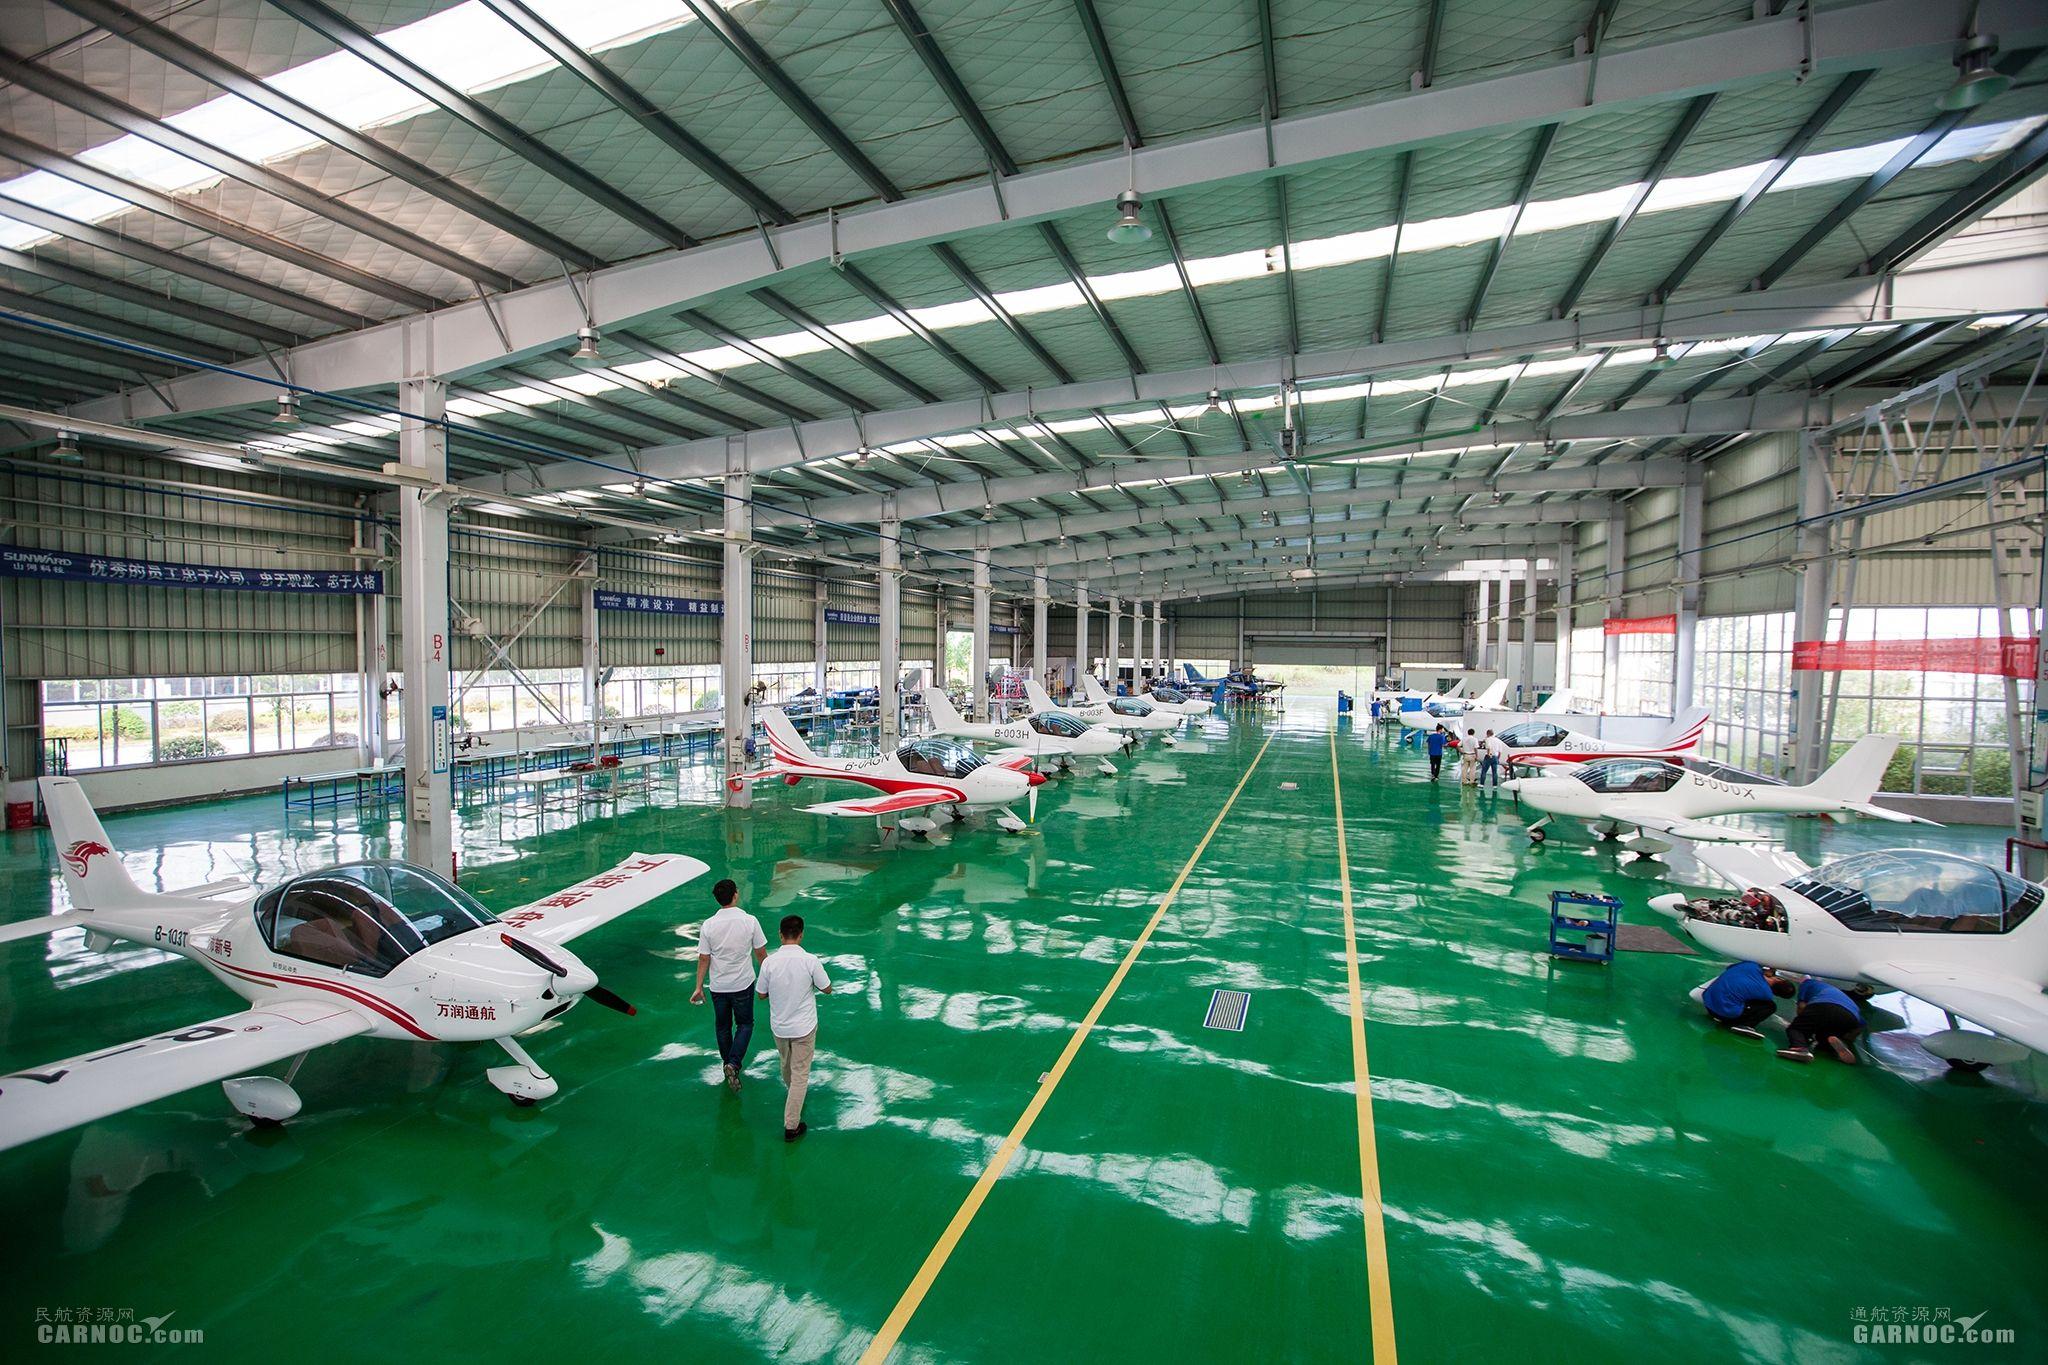 国产首款全复合材料五座飞机SA160L成功首飞|新闻动态-飞翔通航(北京)服务有限责任公司